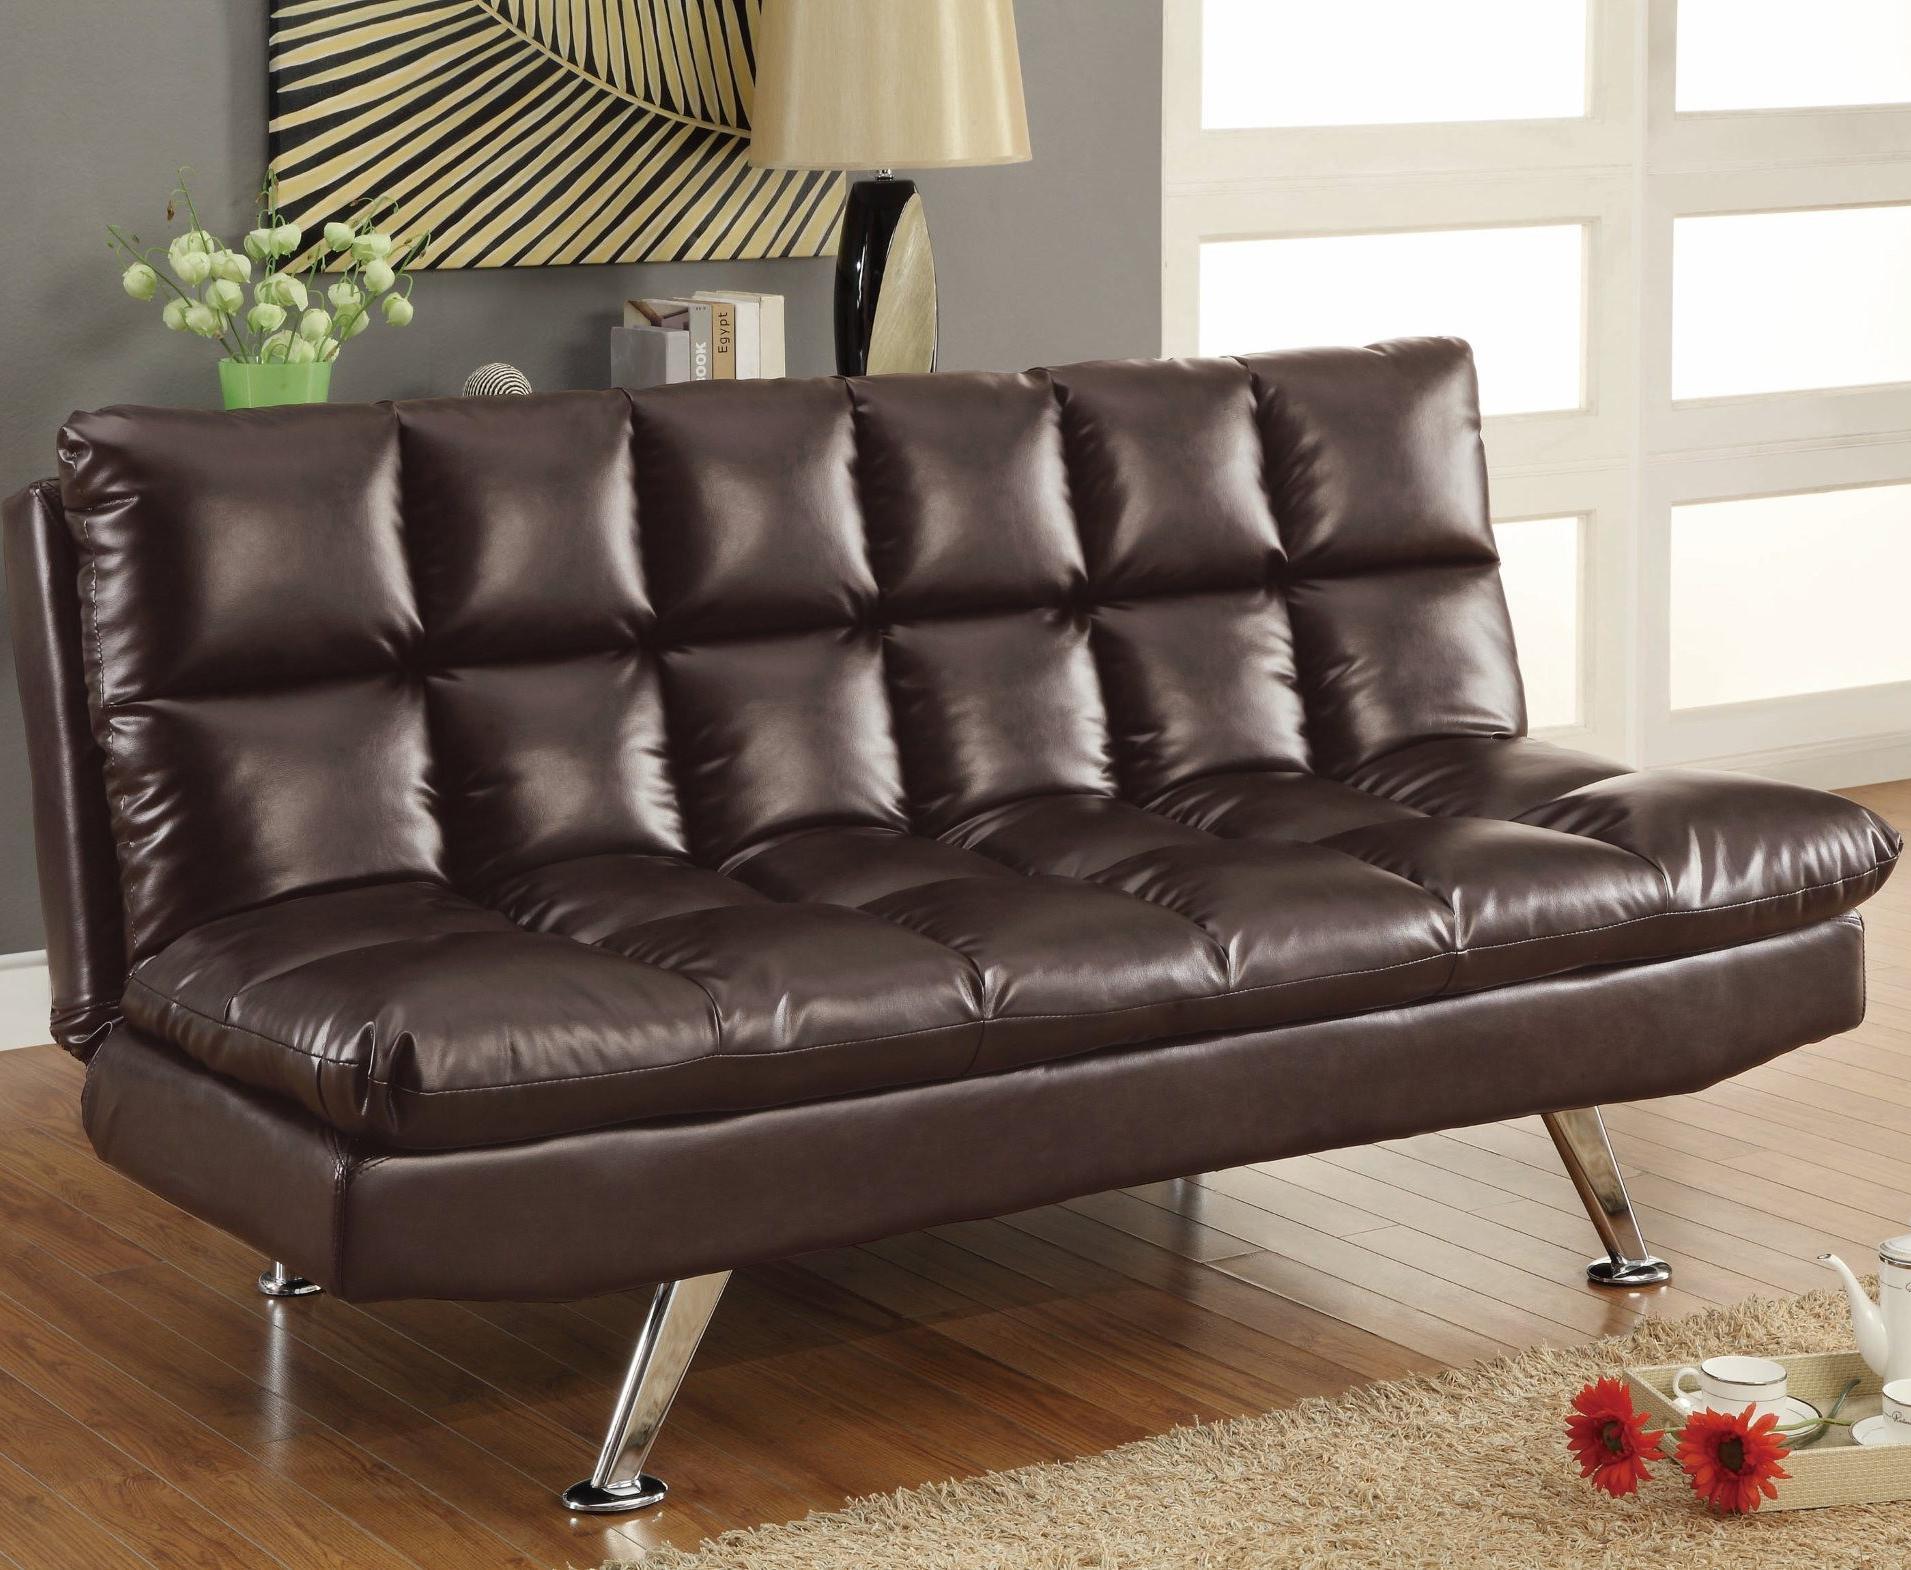 Sofa Beds_300122-b0